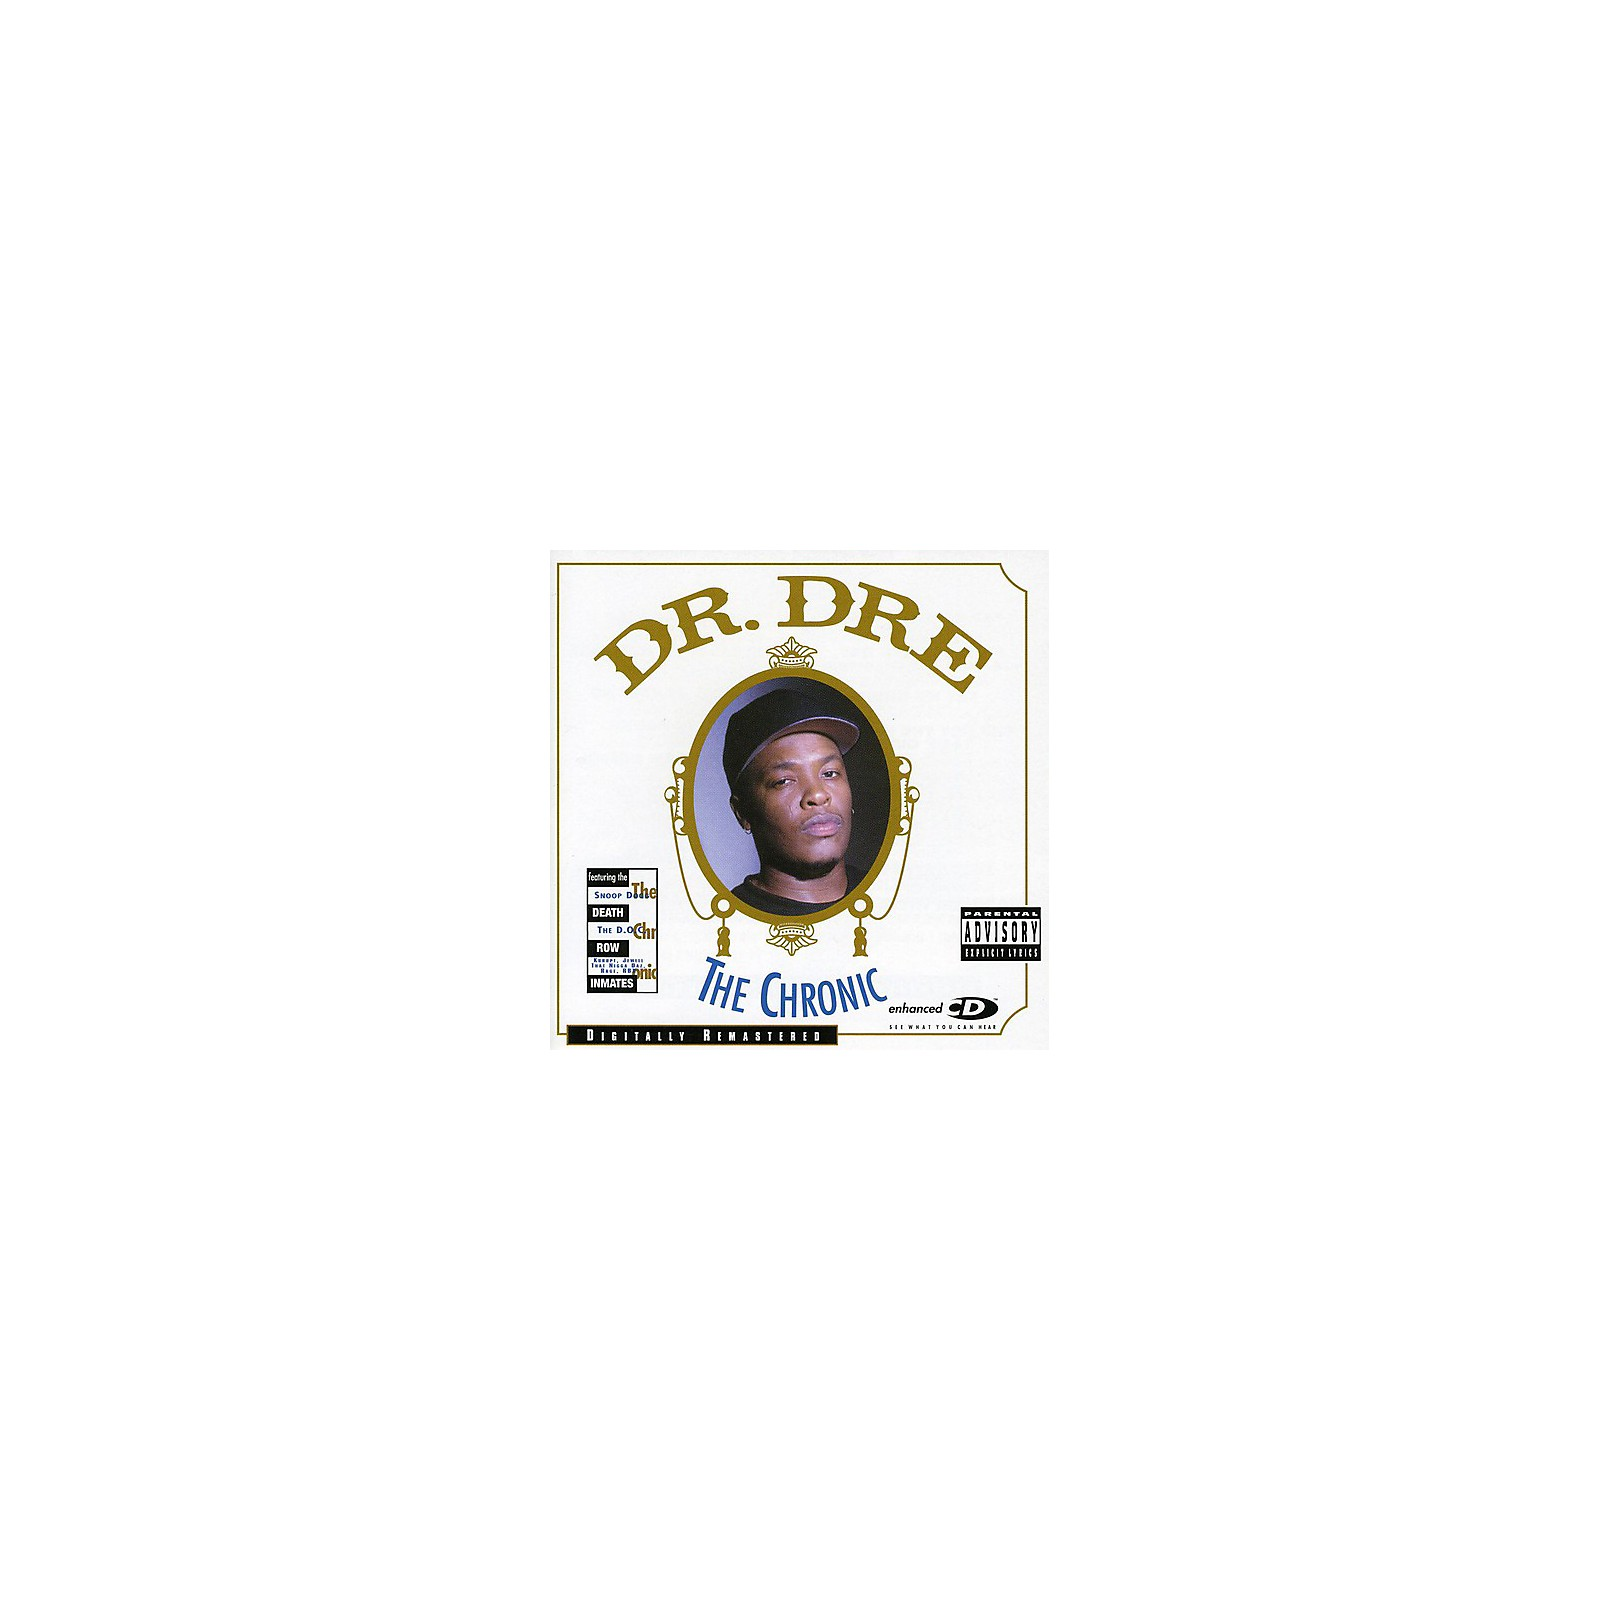 Alliance Dr. Dre - The Chronic (CD)